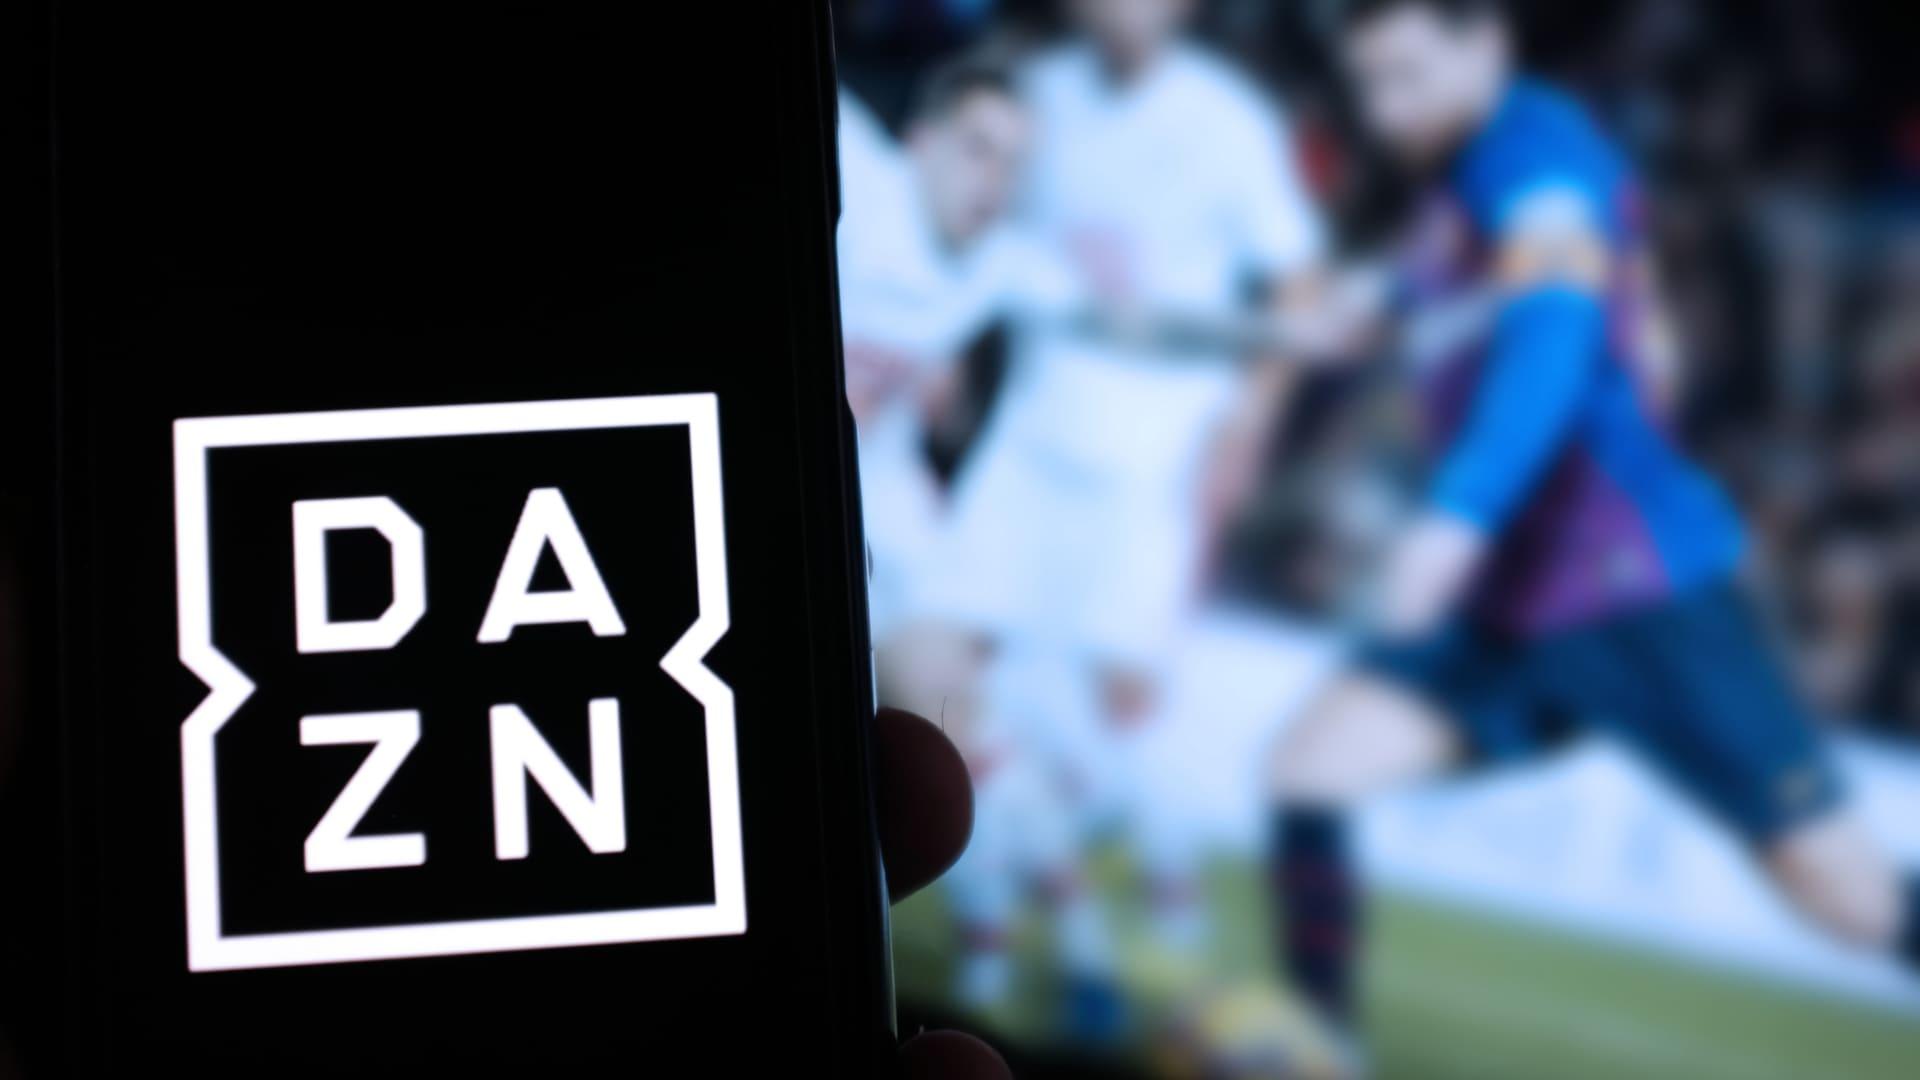 O Dazn é o aplicativo ideal para os fãs de esporte. (Imagem: Reprodução/Shutterstock)